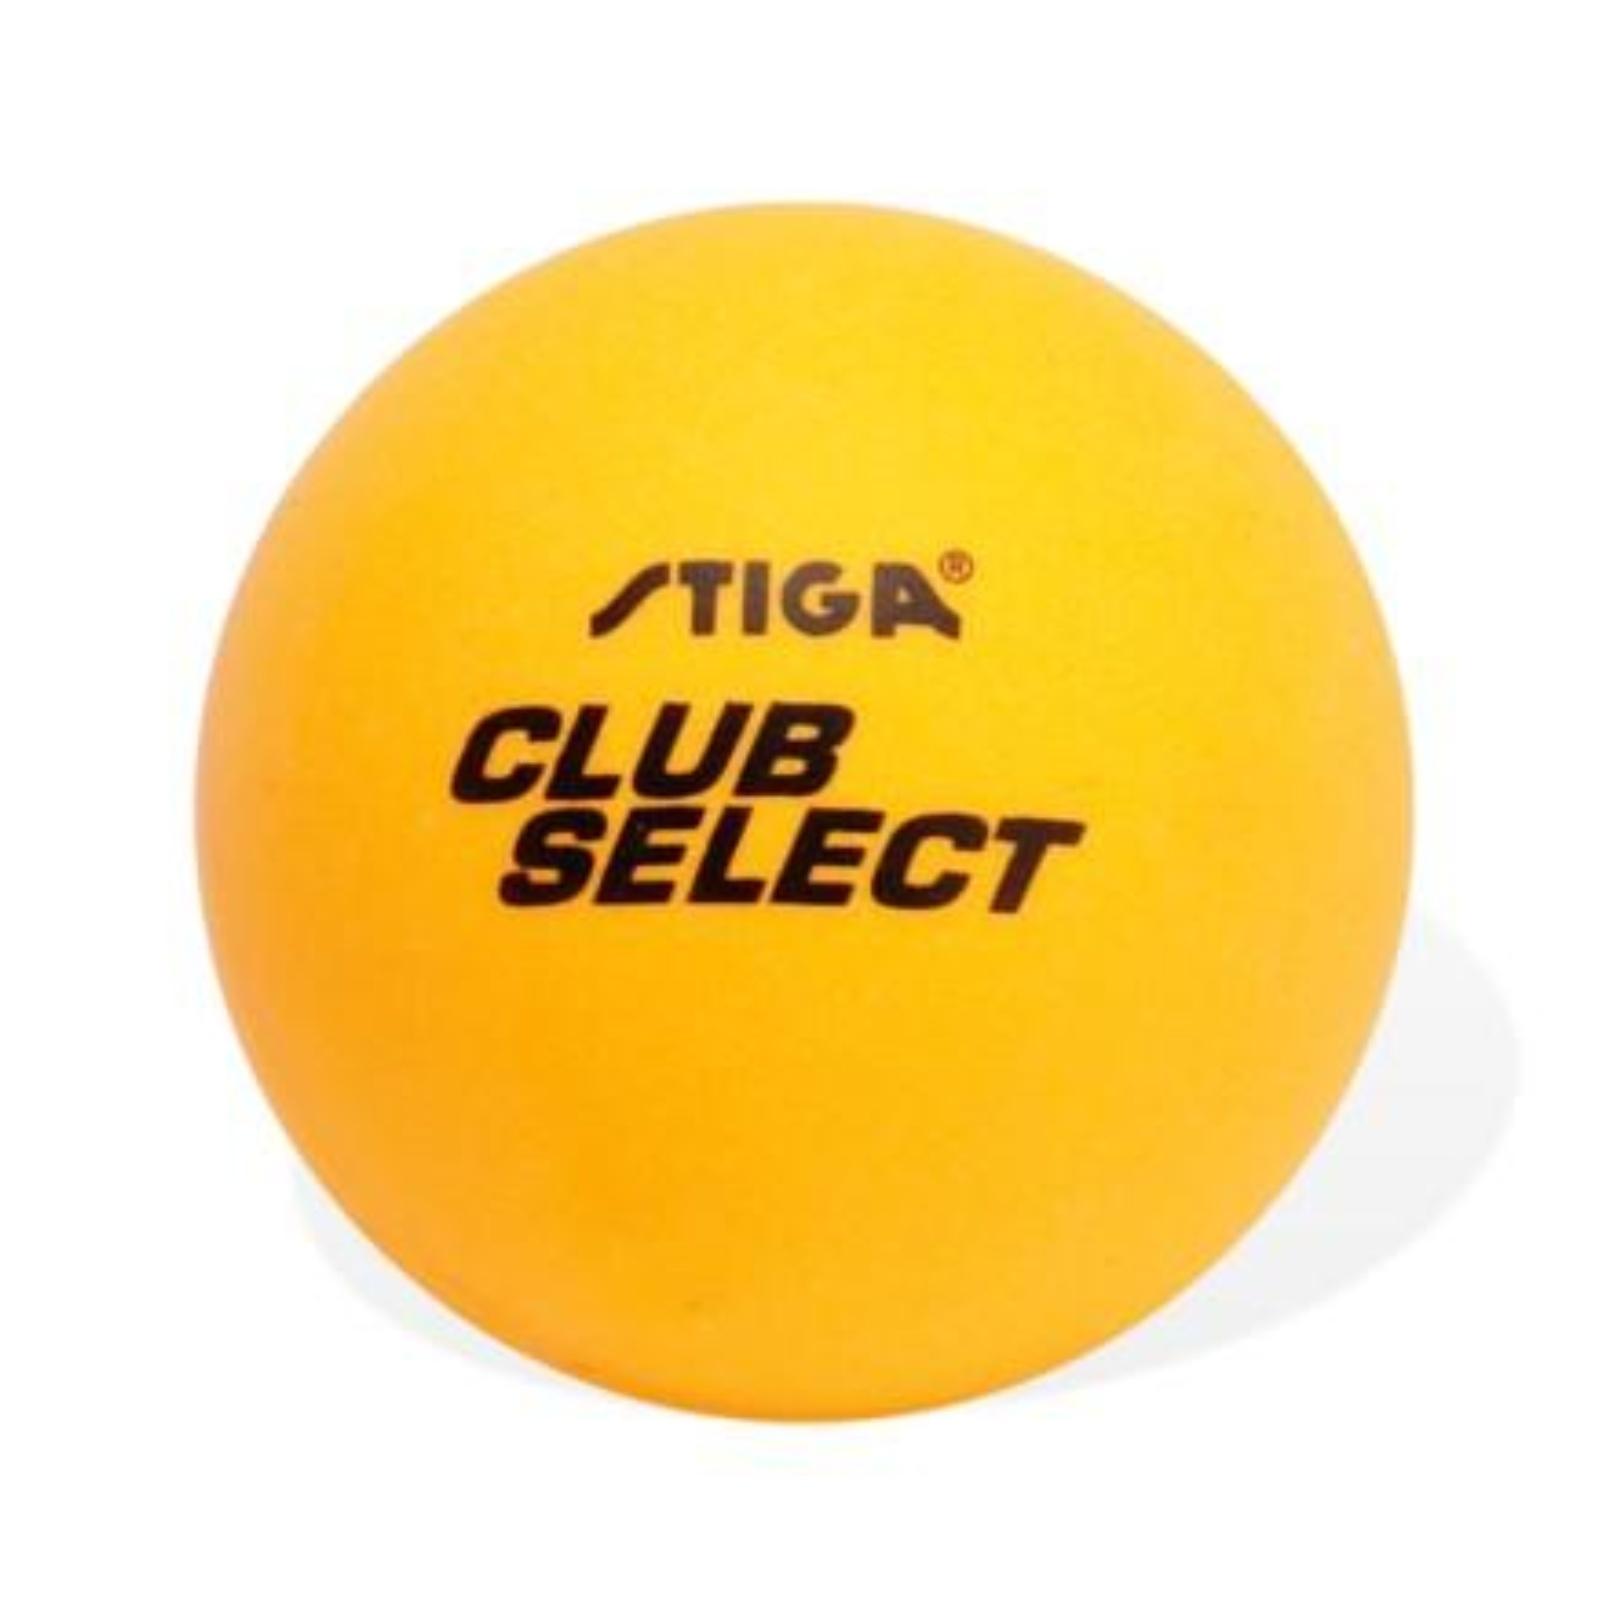 Míčky na stolní tenis STIGA Club Select - oranžové